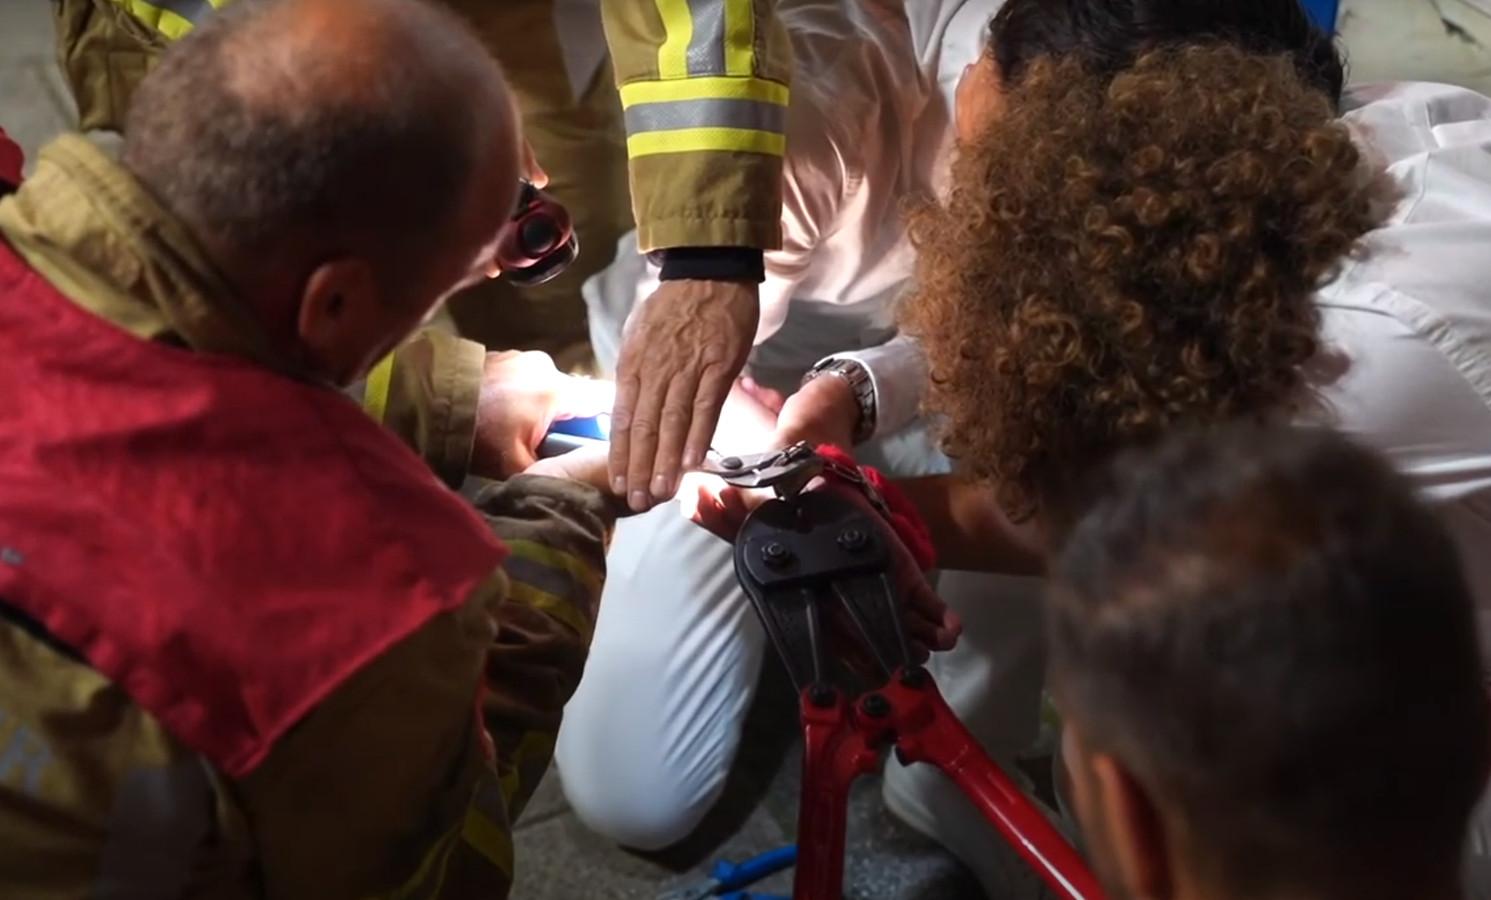 Meerdere brandweerlieden moesten met een kniptang in de weer.